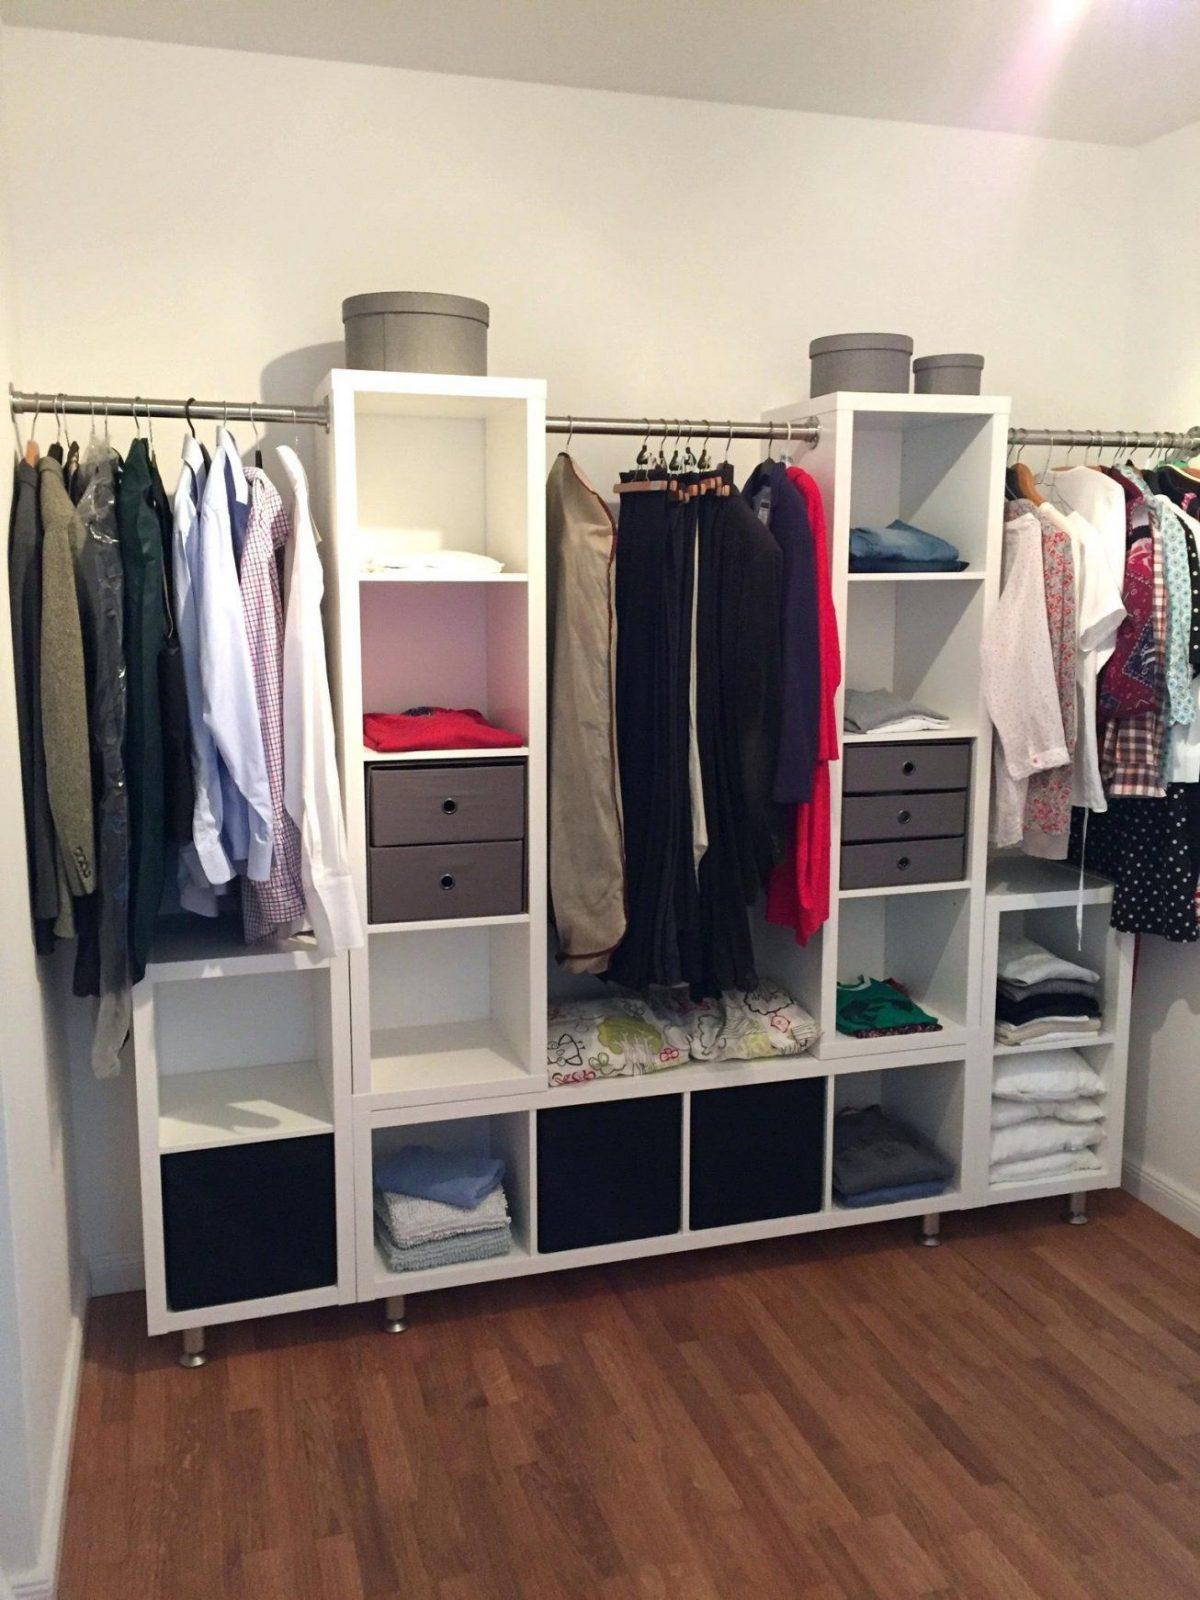 Fresh Begehbarer Kleiderschrank Selber Bauen Kleiderstange Aus Einem von Begehbarer Kleiderschrank Selber Bauen Bild